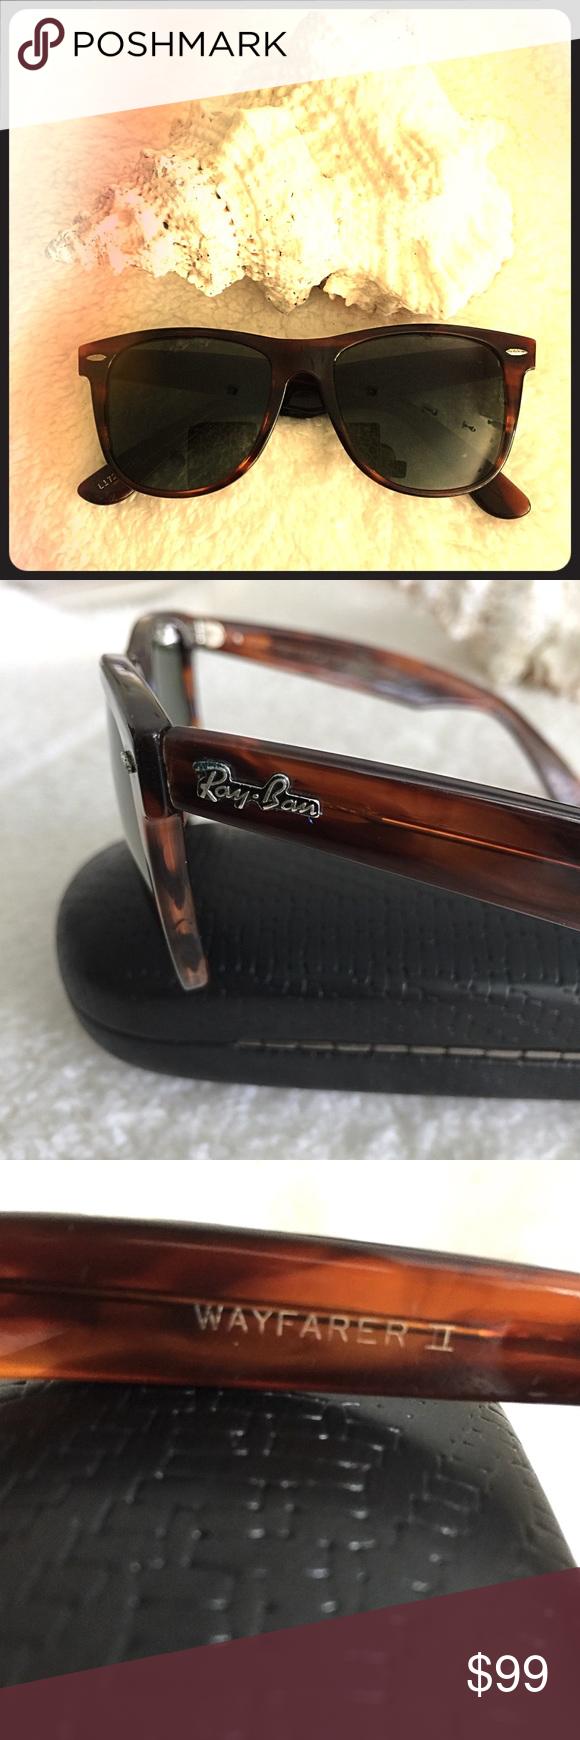 5fecf149d4 Vintage Ray Ban Wayfarer II Sunglasses L1725 😎 80 s Vintage Bausch    Lomb s Wayfarer sunglasses model